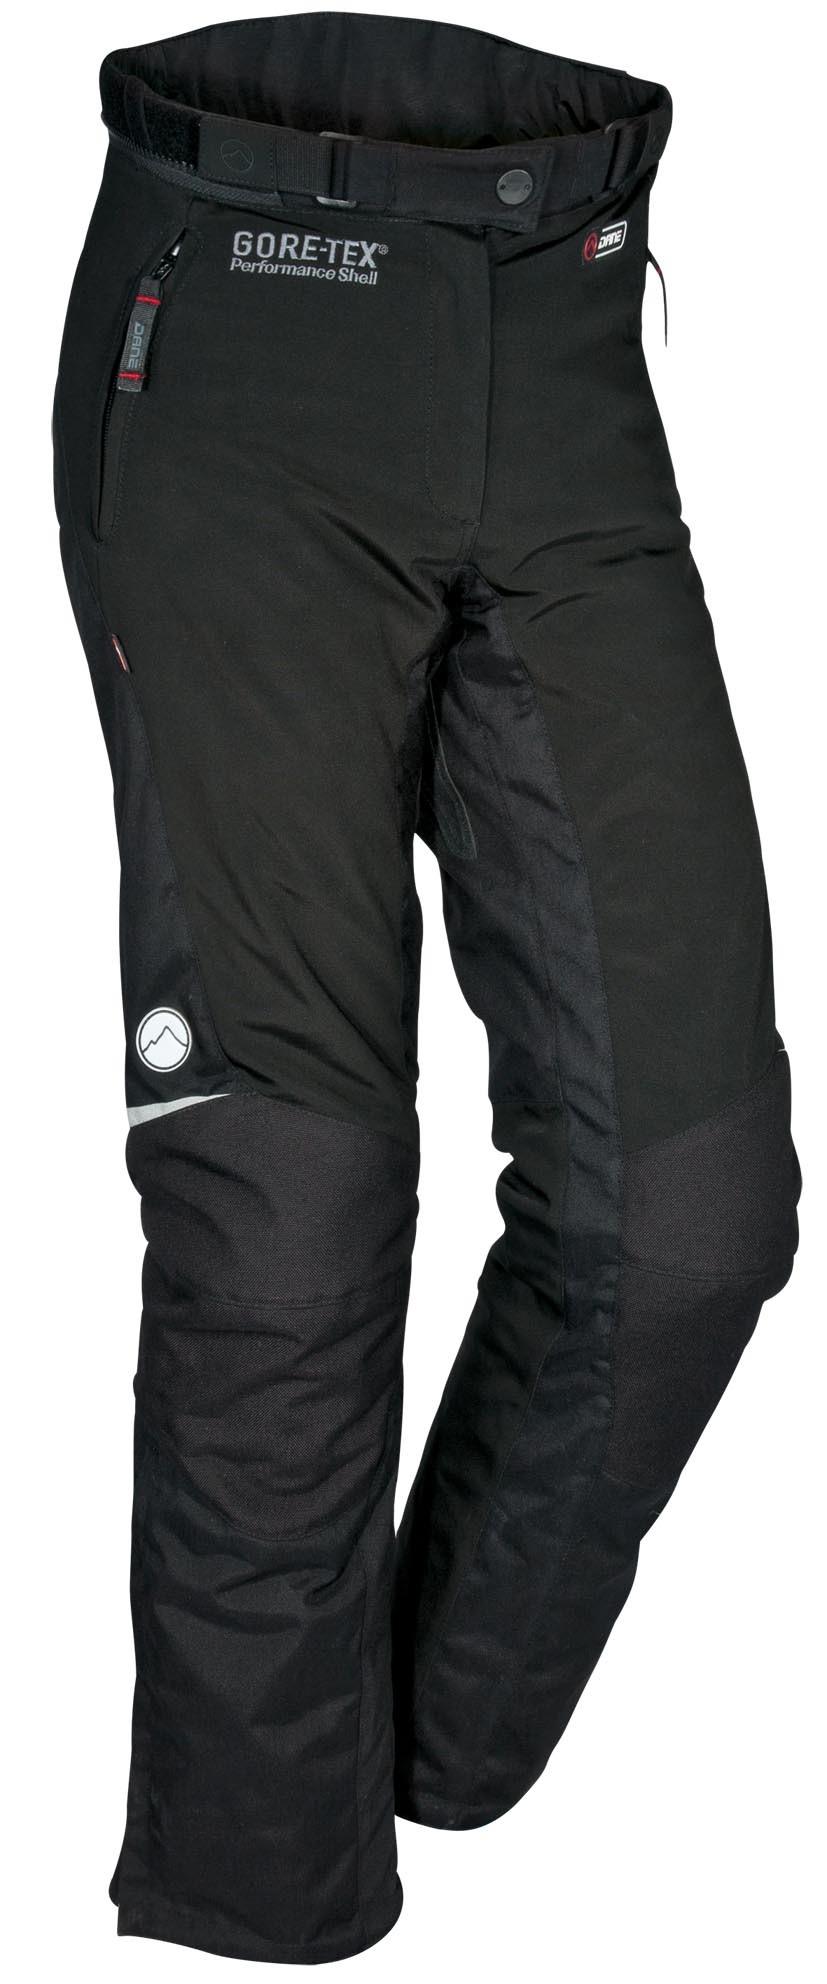 Pantalon moto : est-ce vraiment une nécessité ?